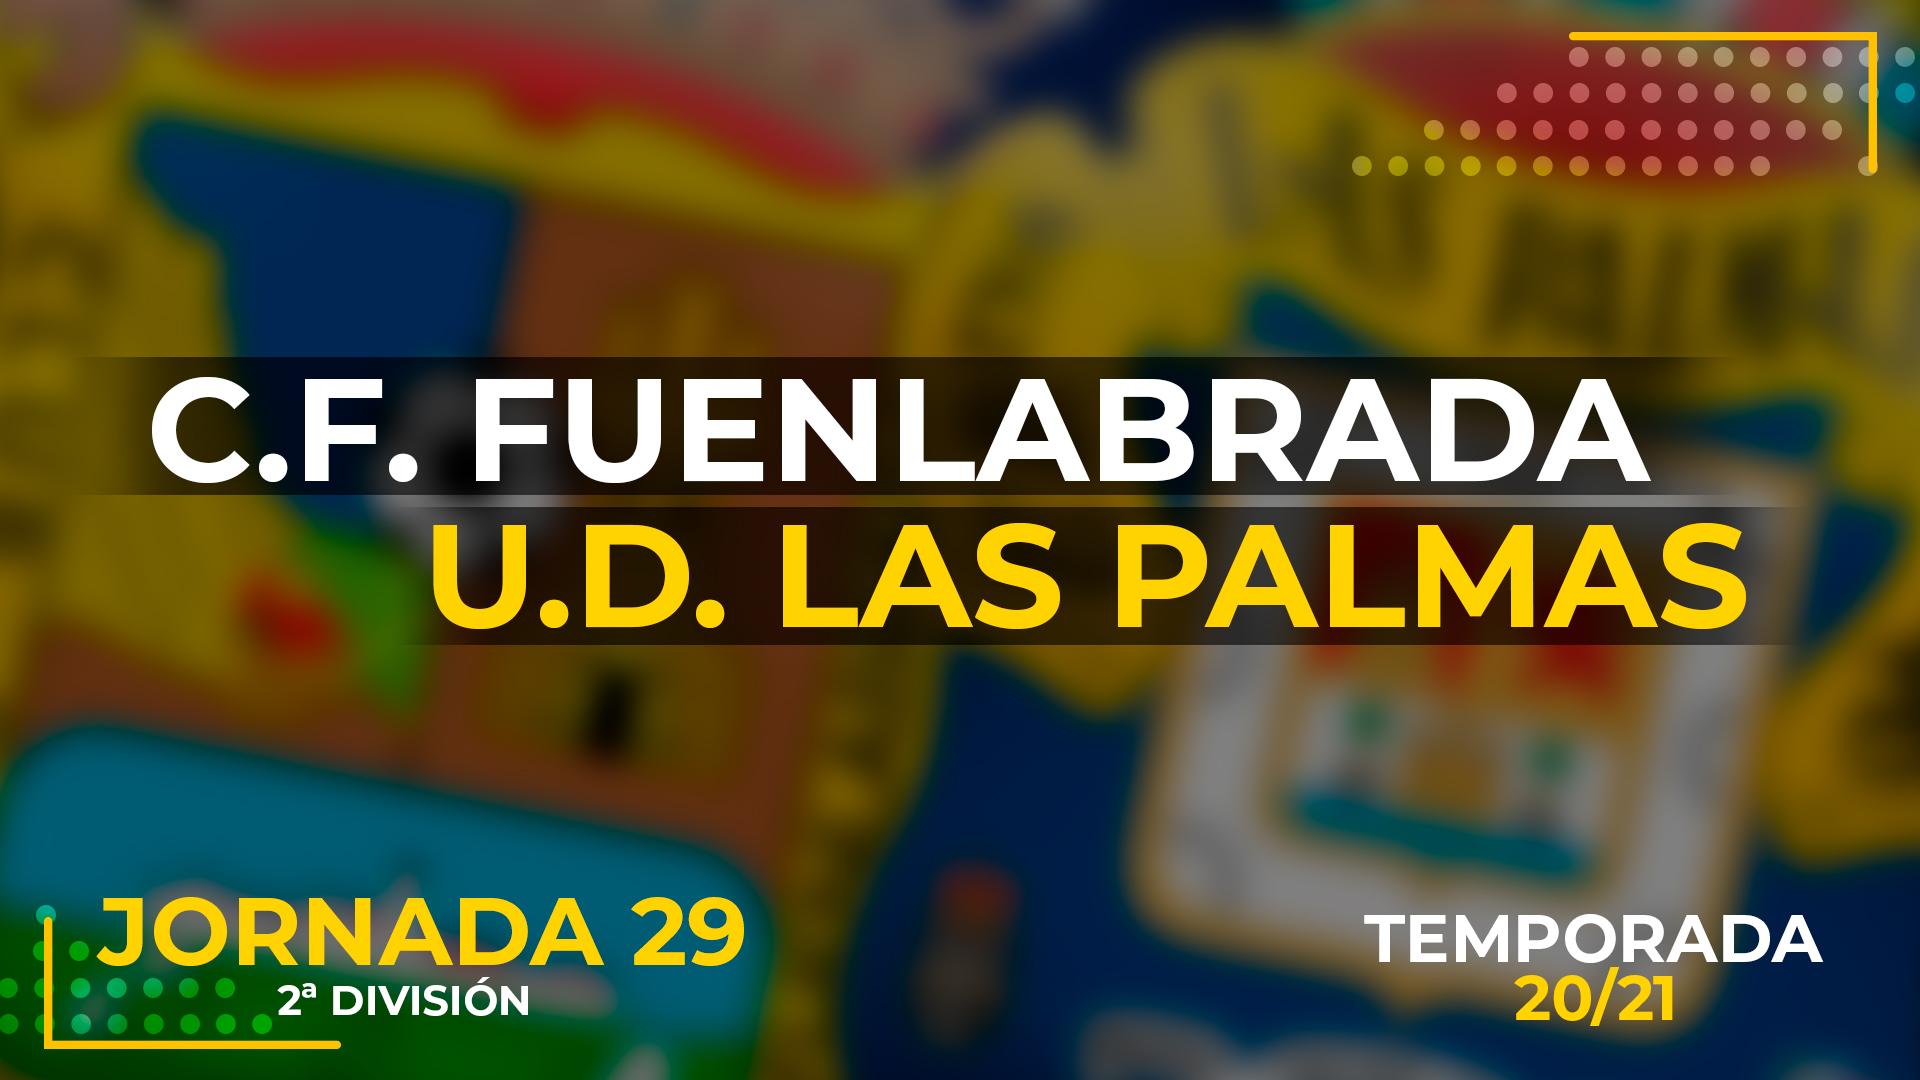 Fuenlabrada vs UD Las Palmas